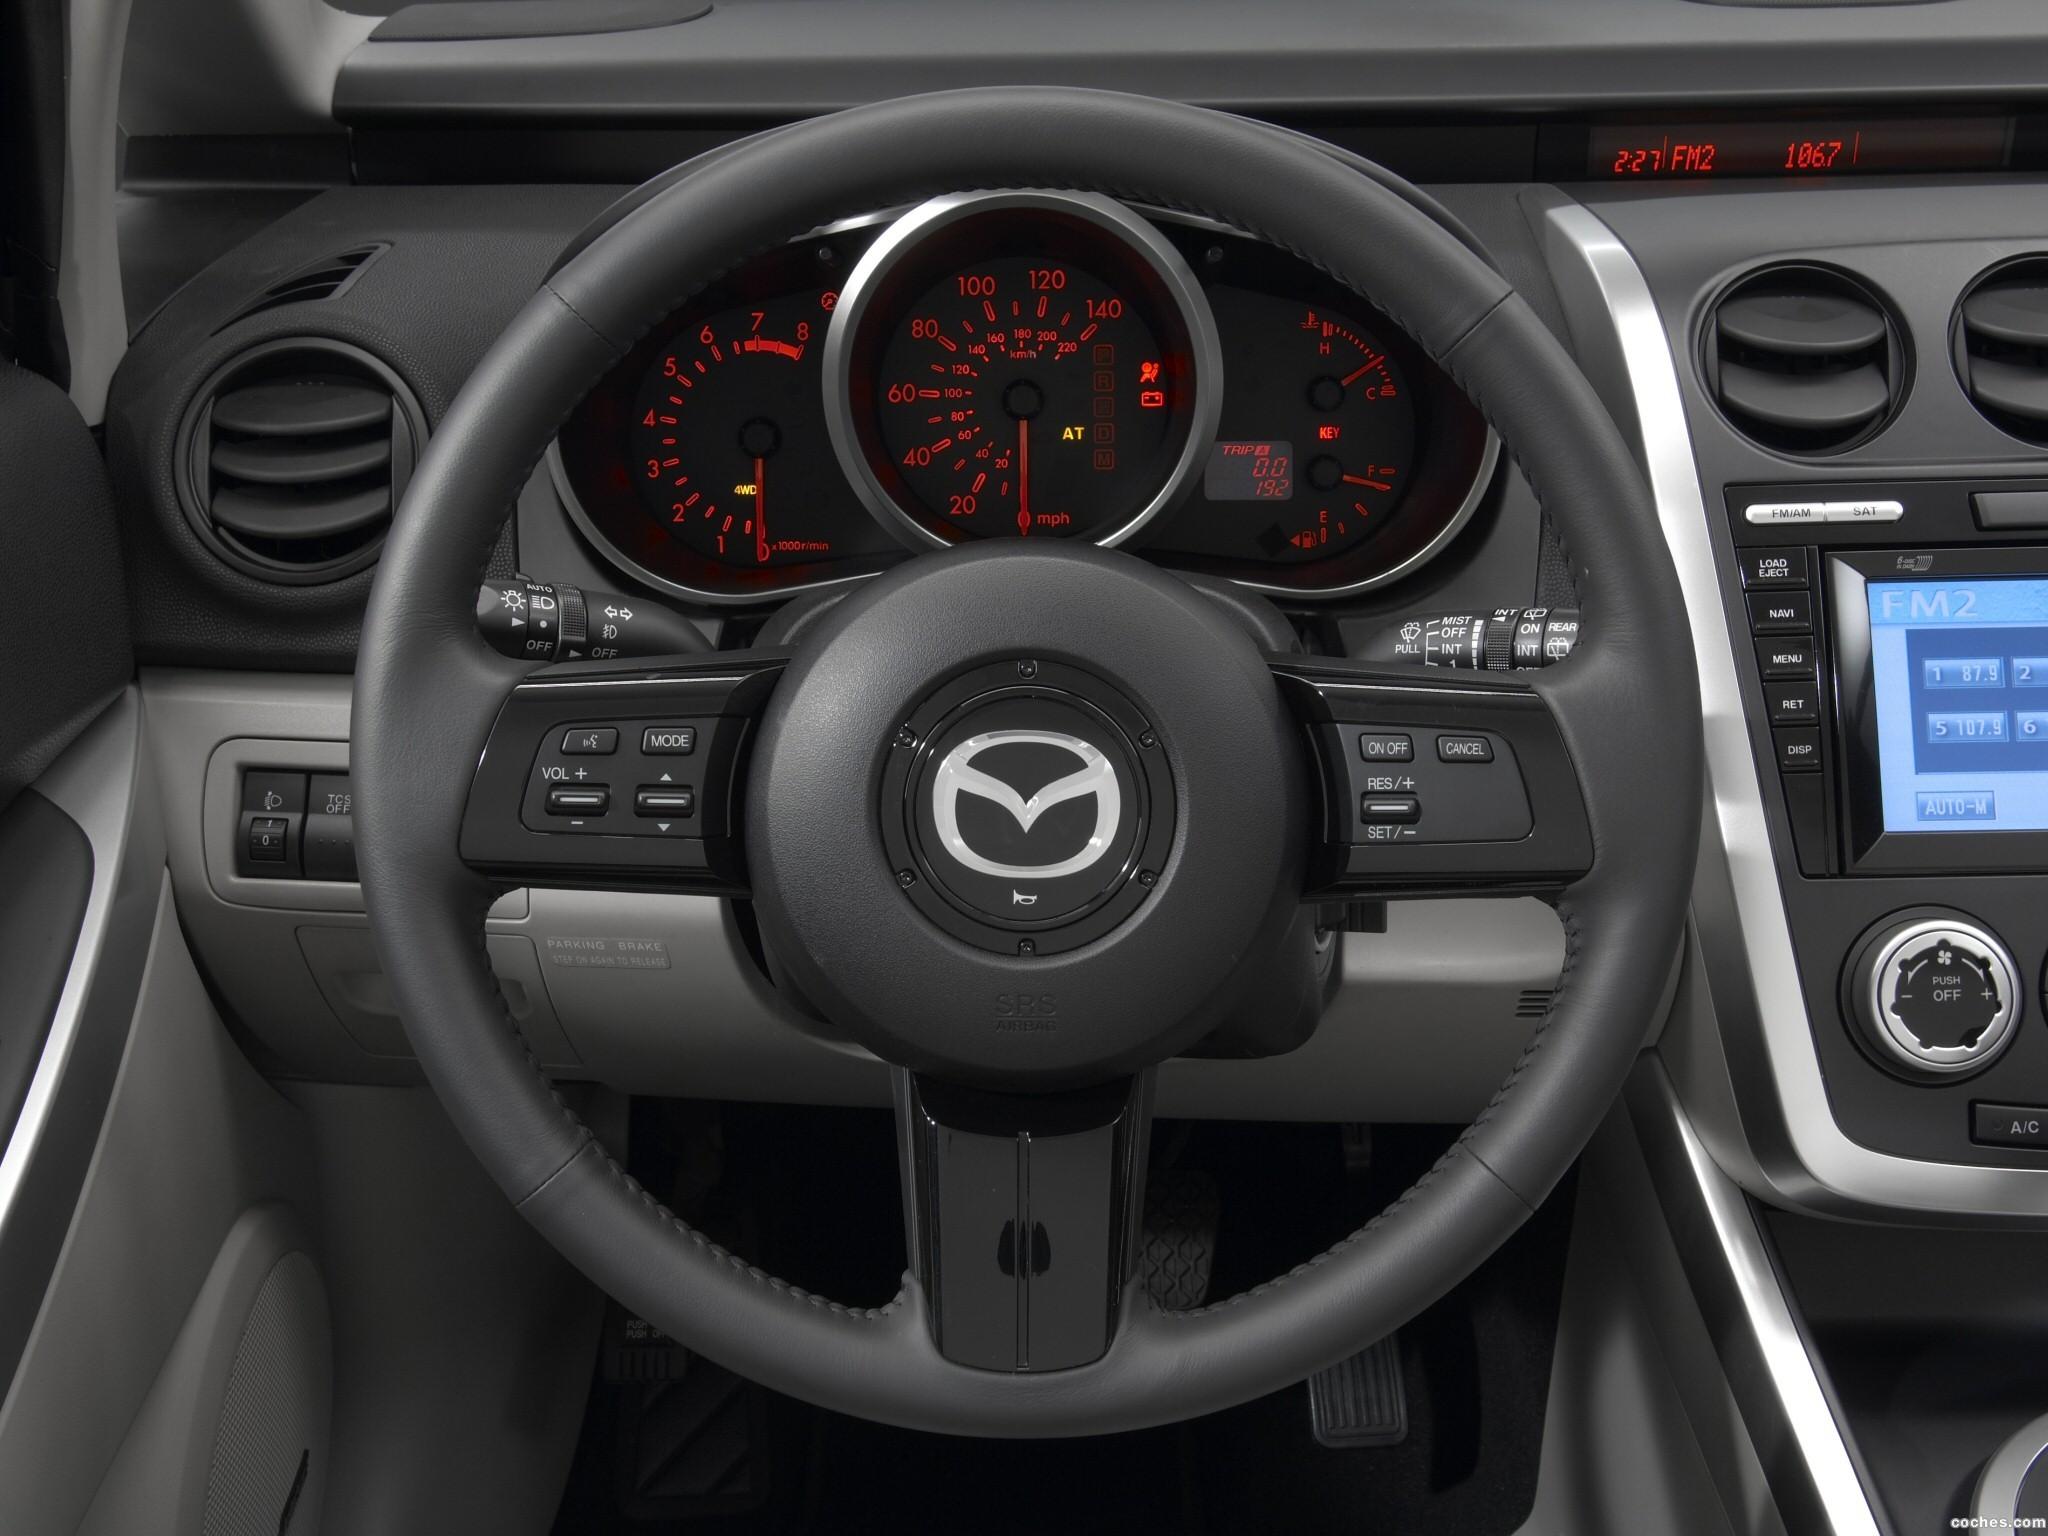 Foto 7 de Mazda CX-7 2007